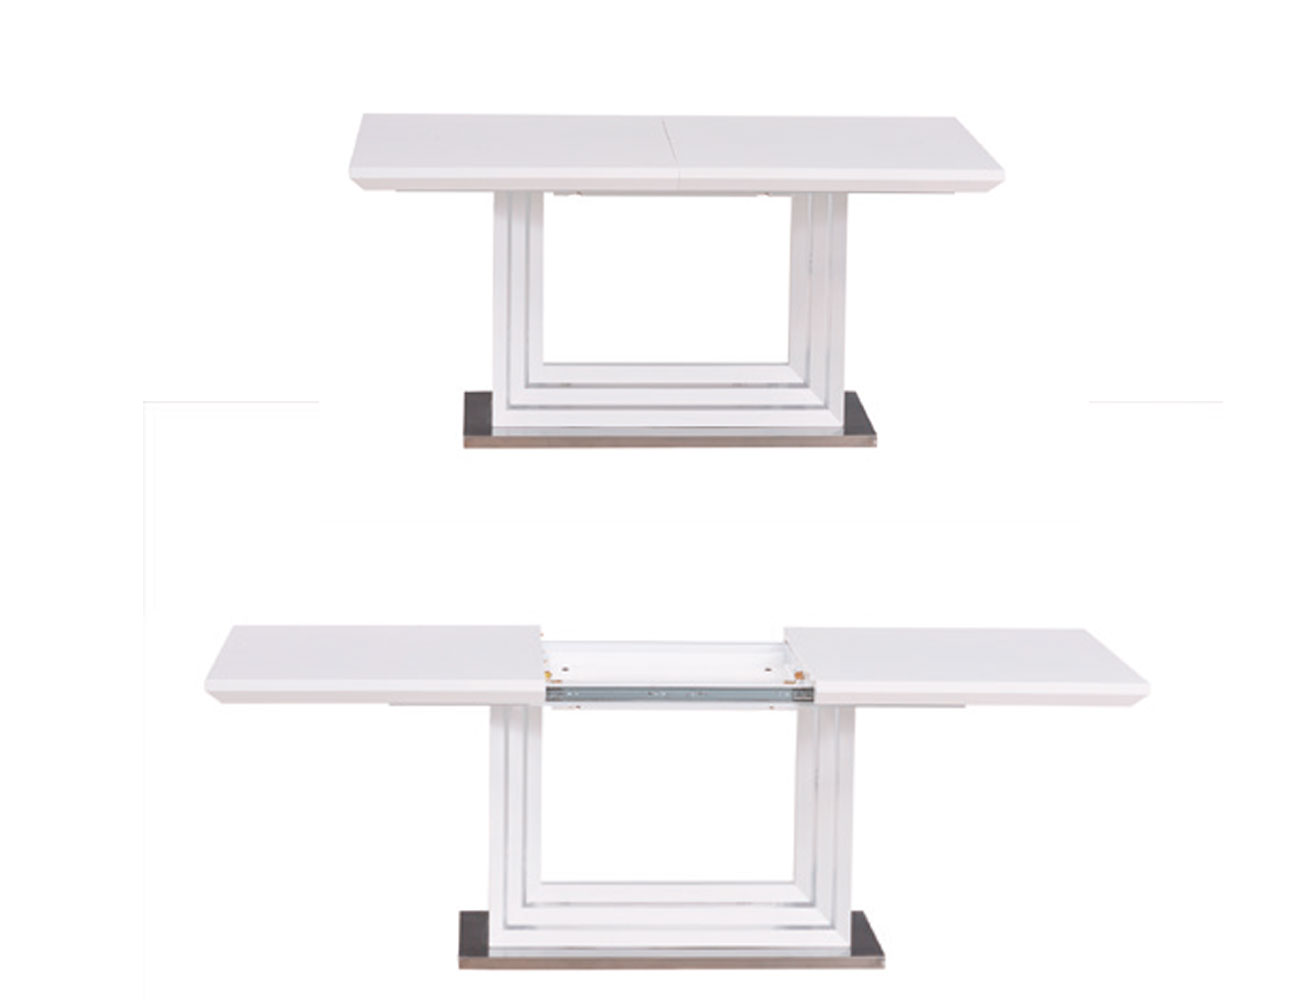 Mesa de comedor lacada en blanco alto brillo extensible for Mesa comedor blanca extensible